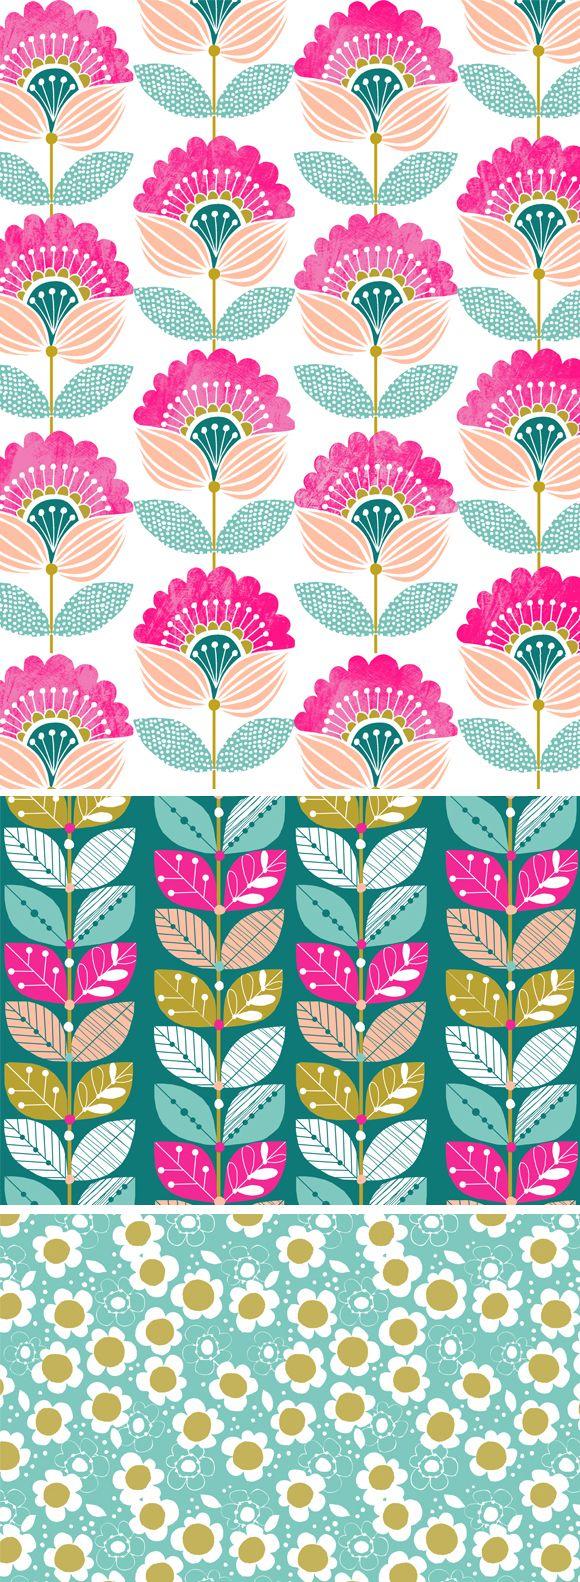 wendy kendall designs – freelance surface pattern designer » eden bloom